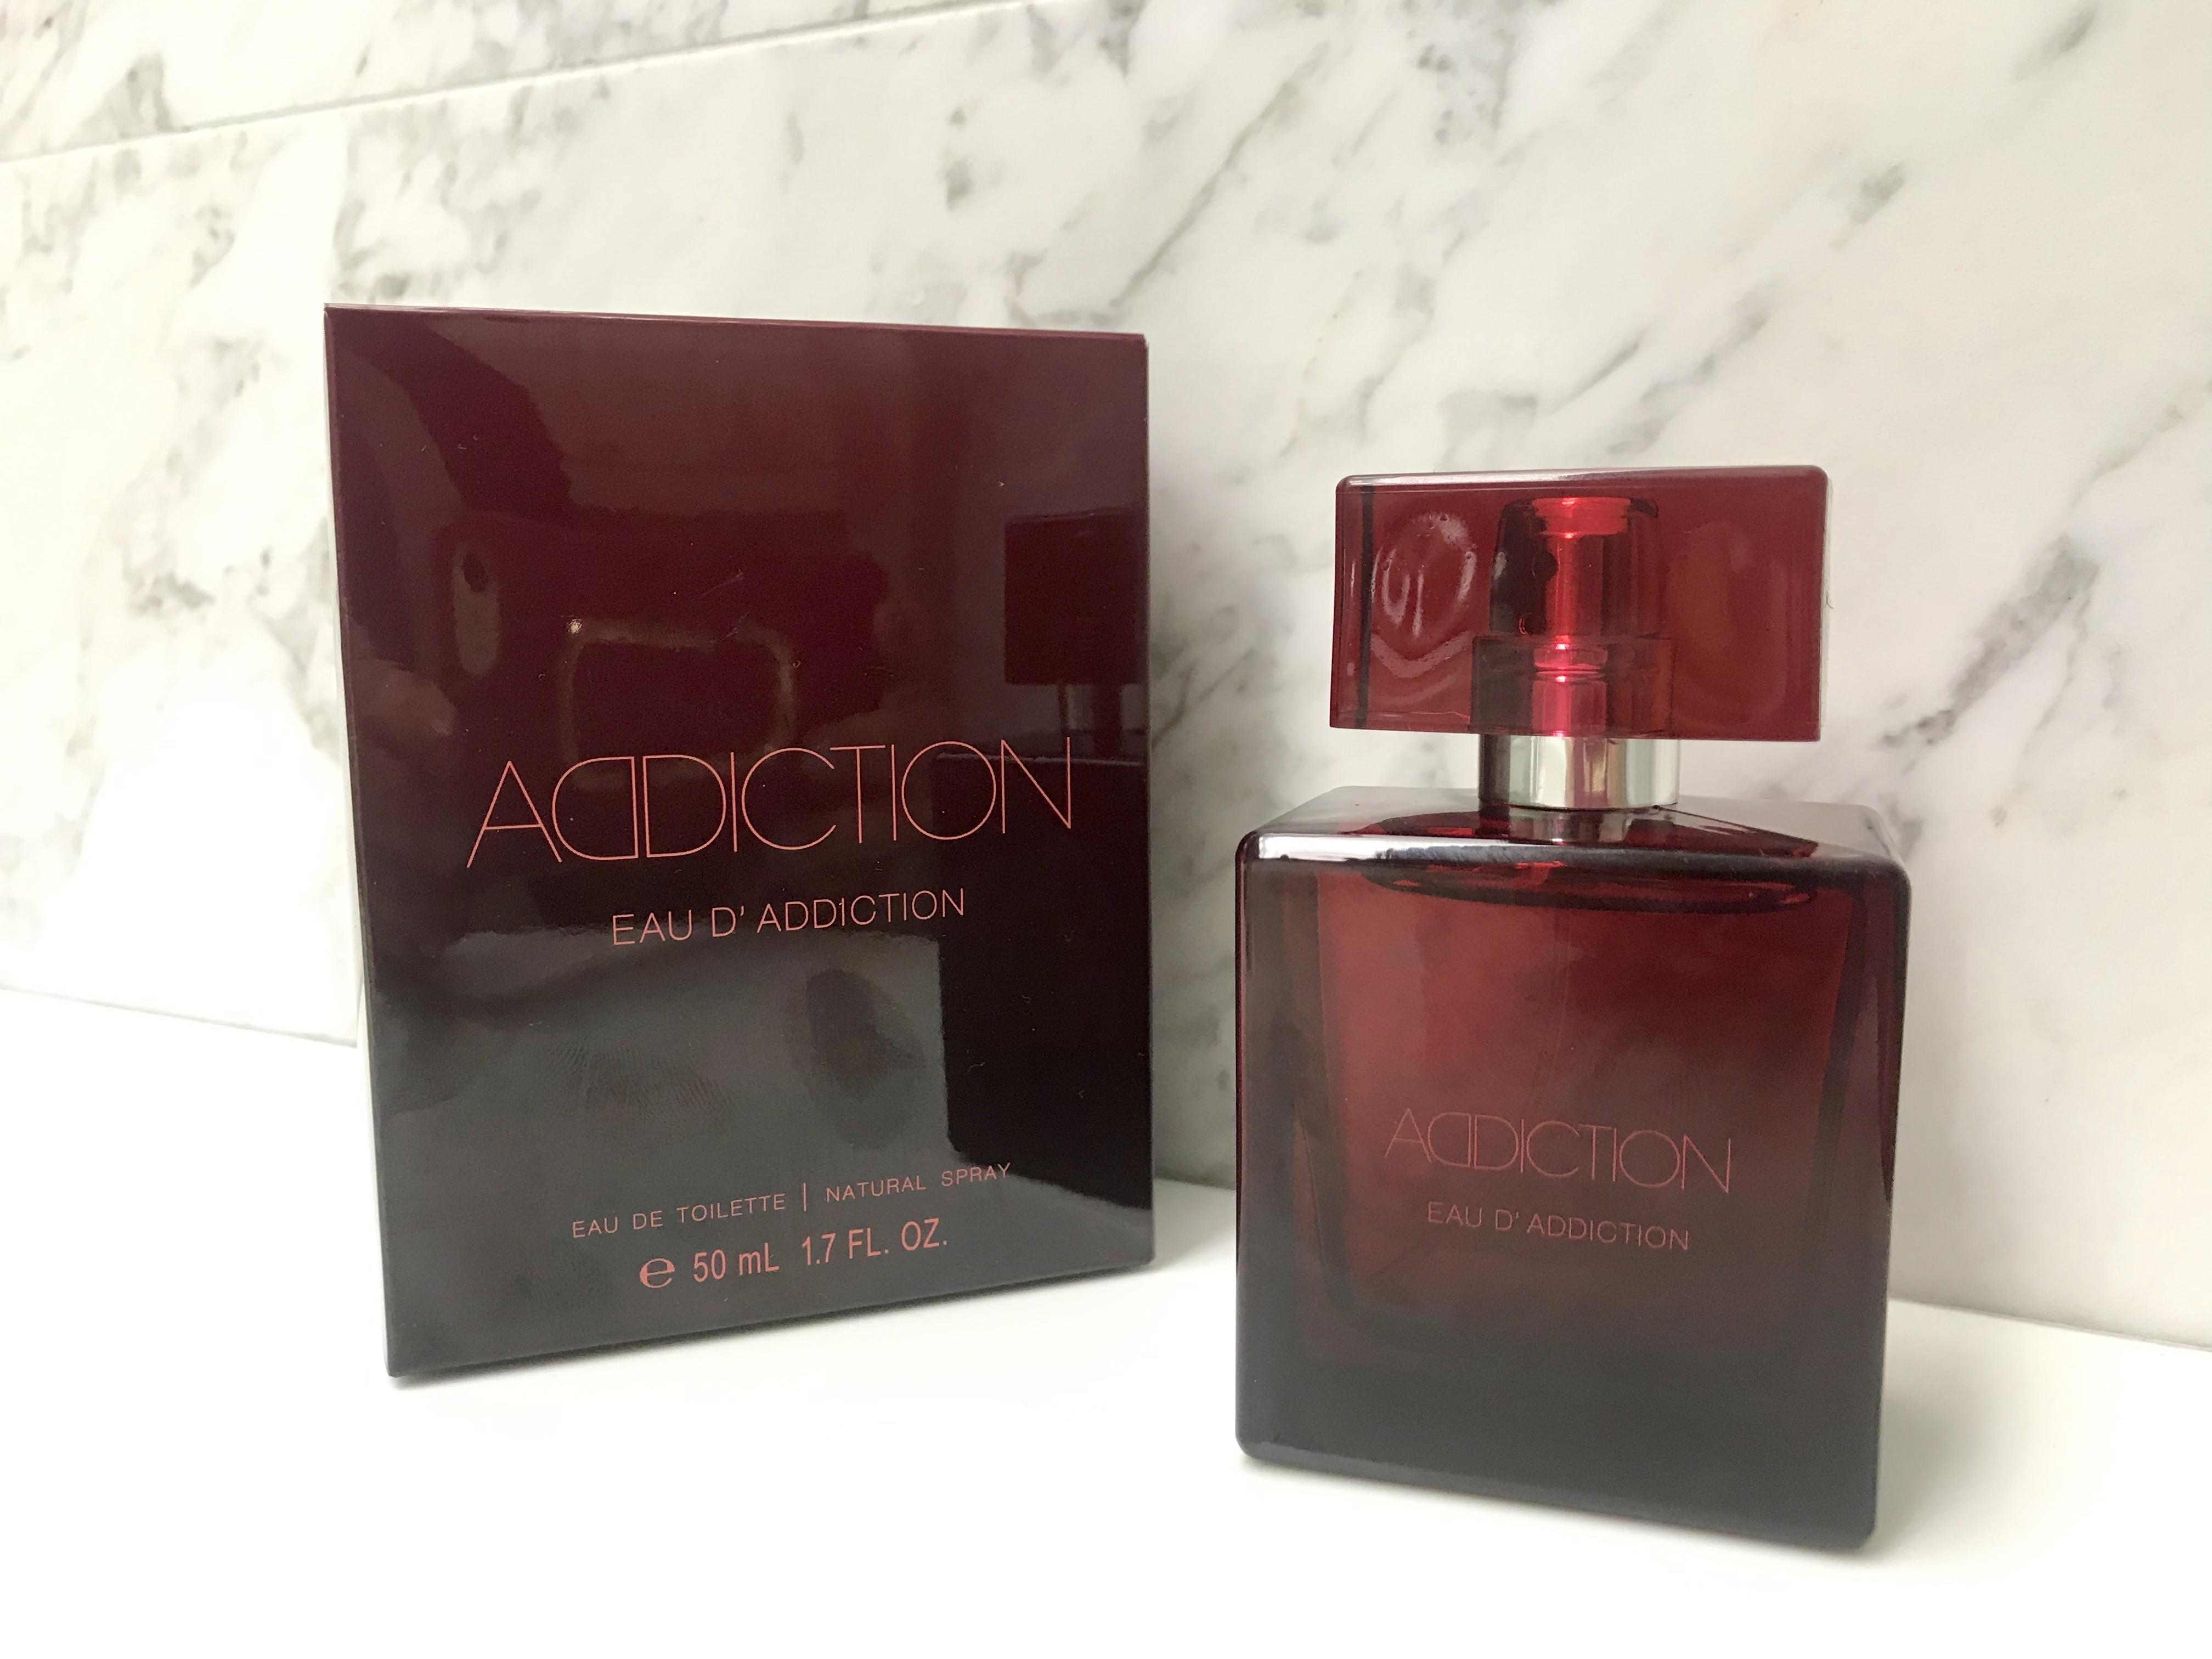 レディース香水・フレグランス特集《2019年版》- 人気ブランドの新作や定番の香りなど。おすすめは?_11